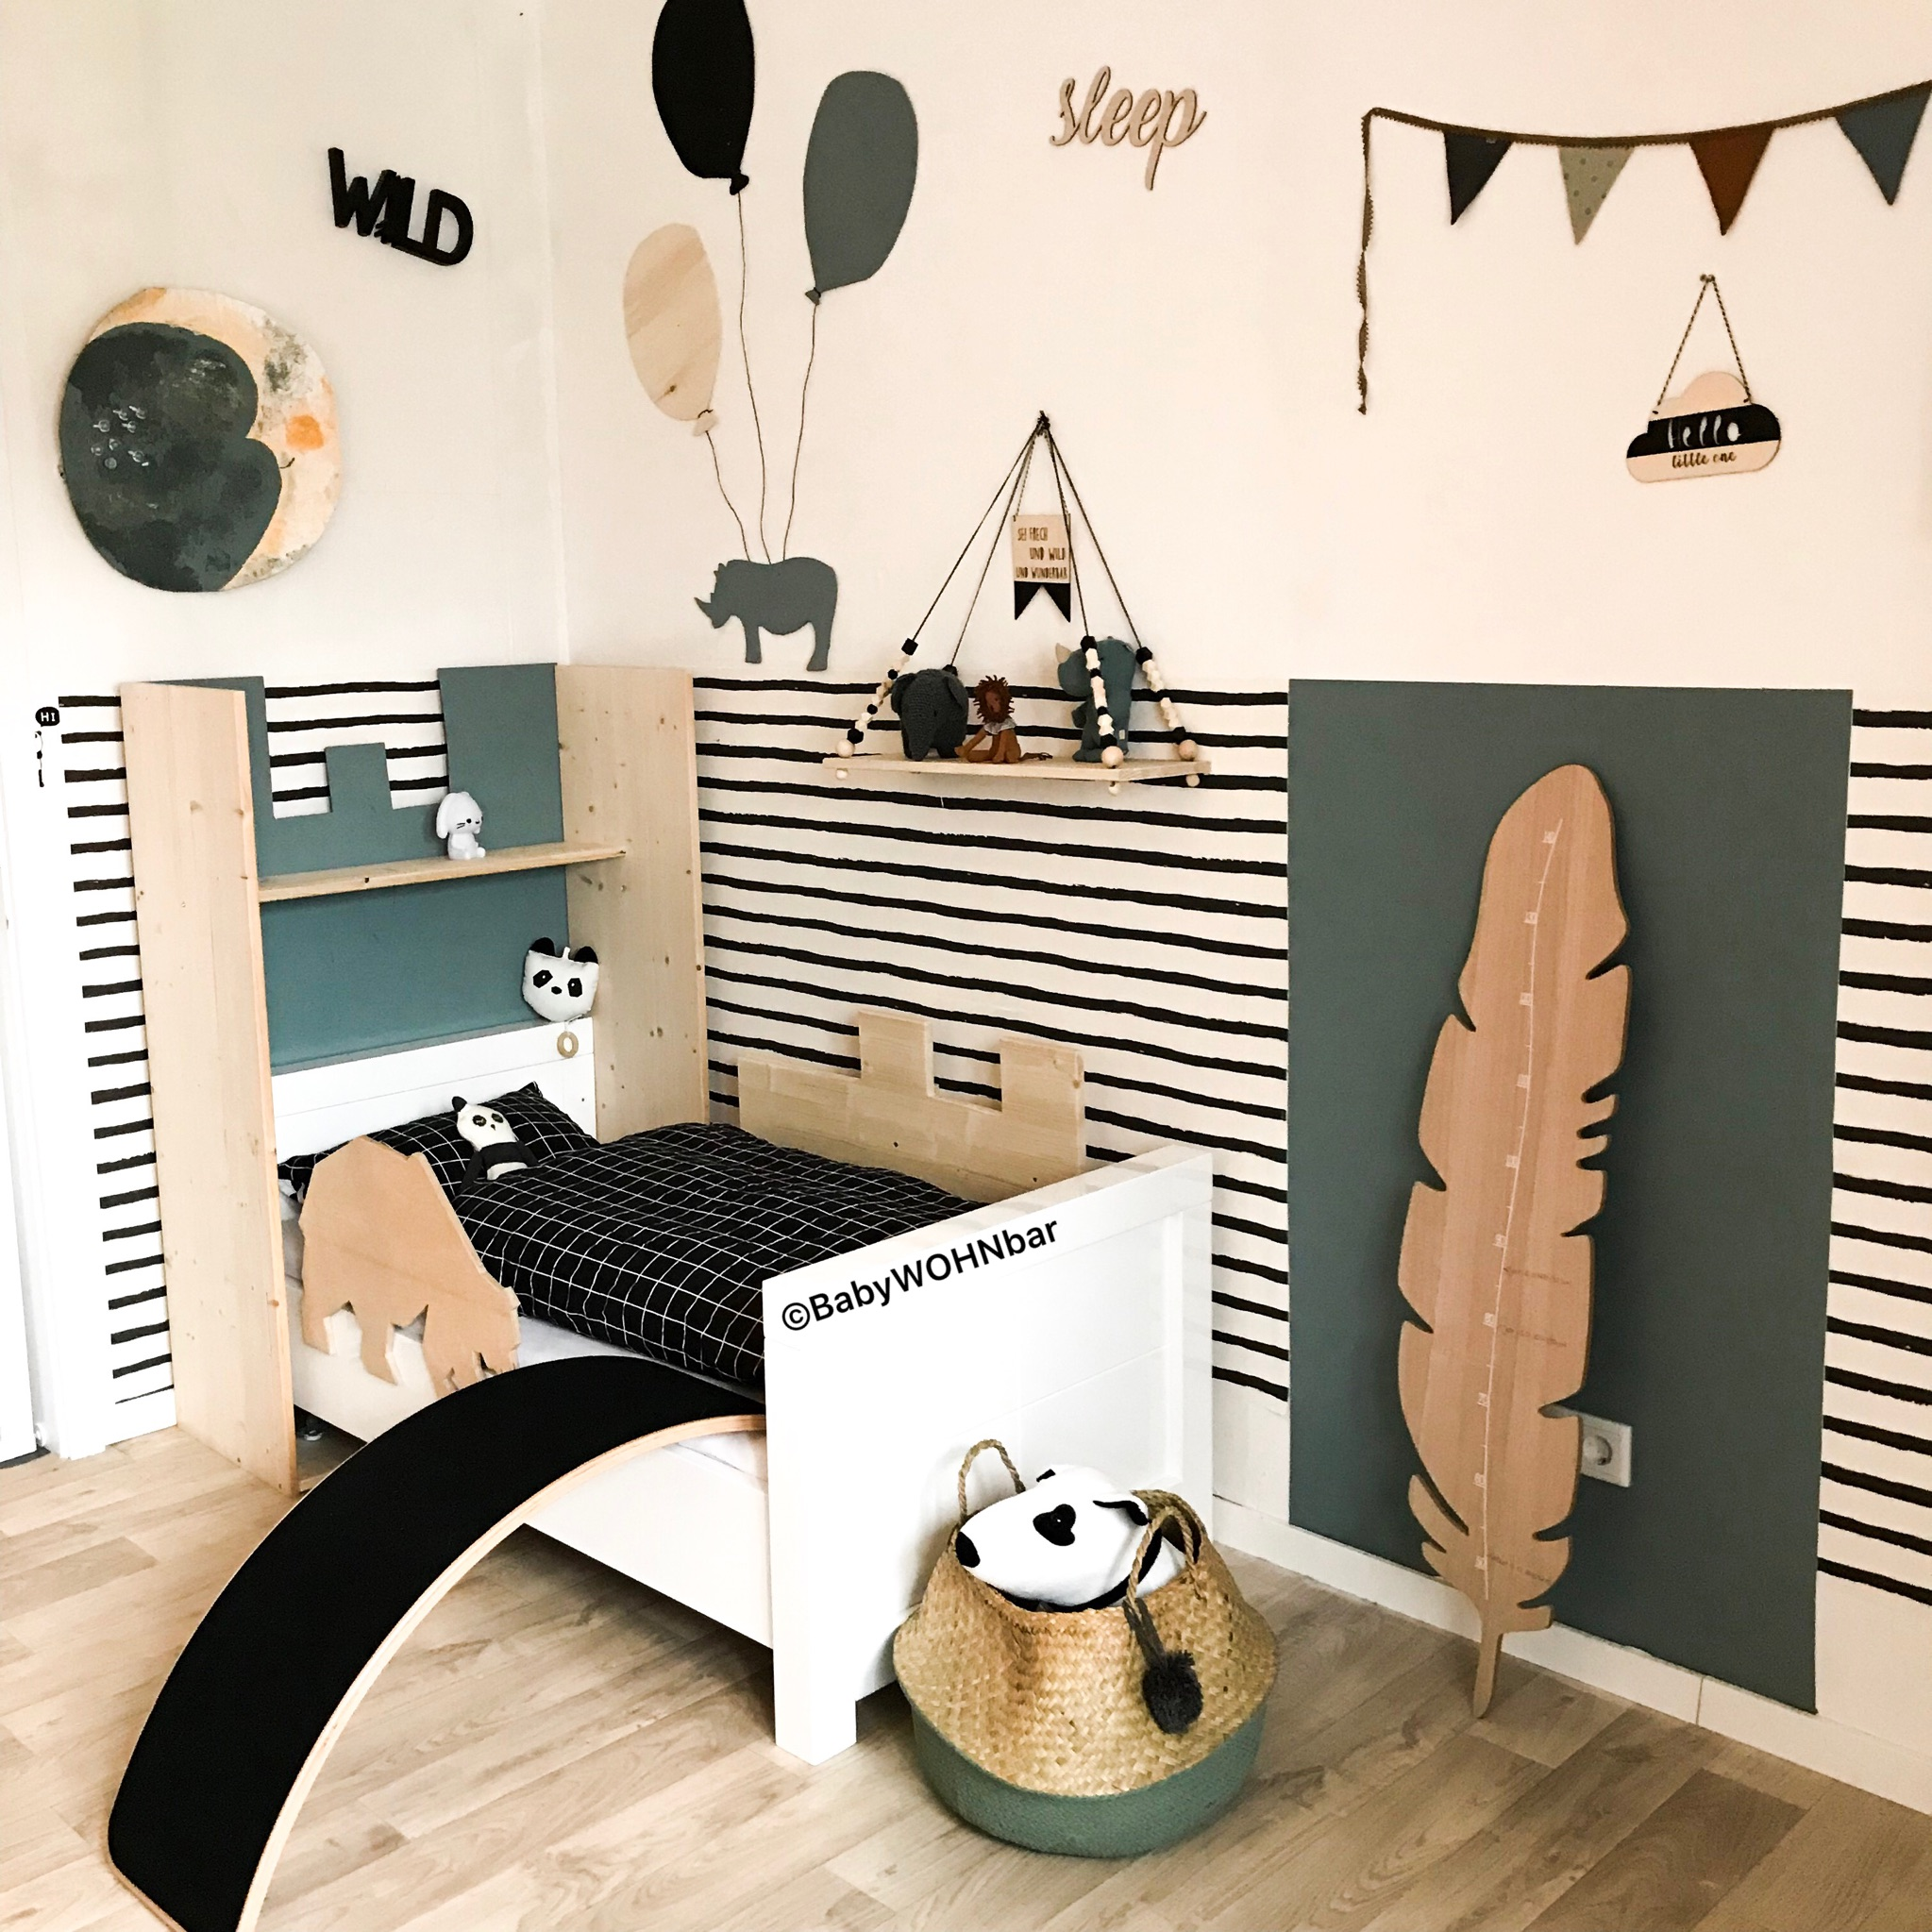 babyWOHNbar – Modernes Wohnen für Babys und Kleinkinder